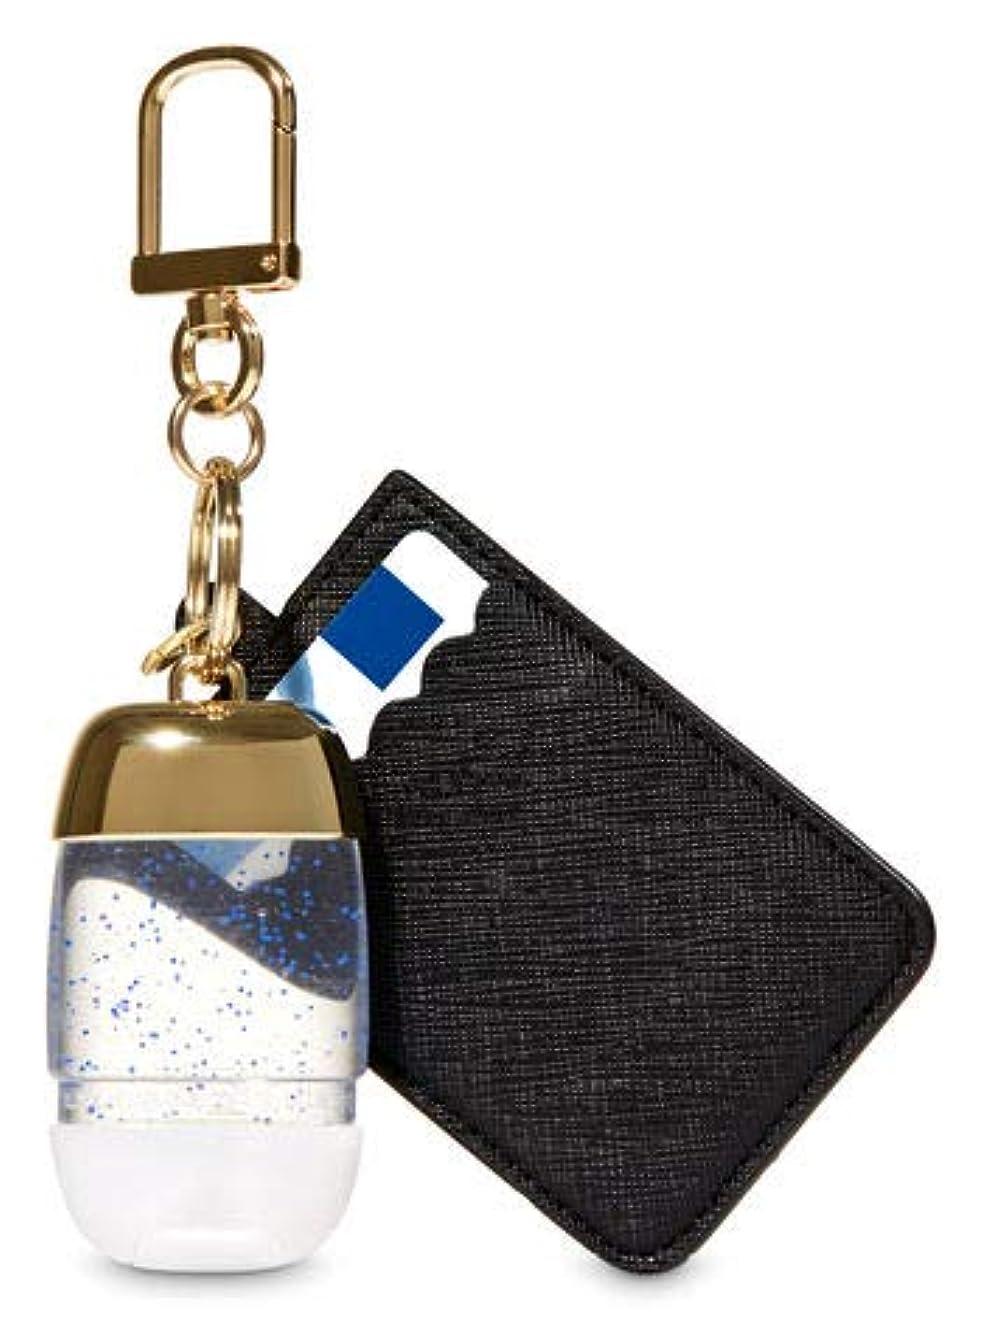 テーマ武器コミュニティ【Bath&Body Works/バス&ボディワークス】 抗菌ハンドジェルホルダー カードケース ブラック&ゴールド Credit Card & PocketBac Holder Black & Gold [並行輸入品]